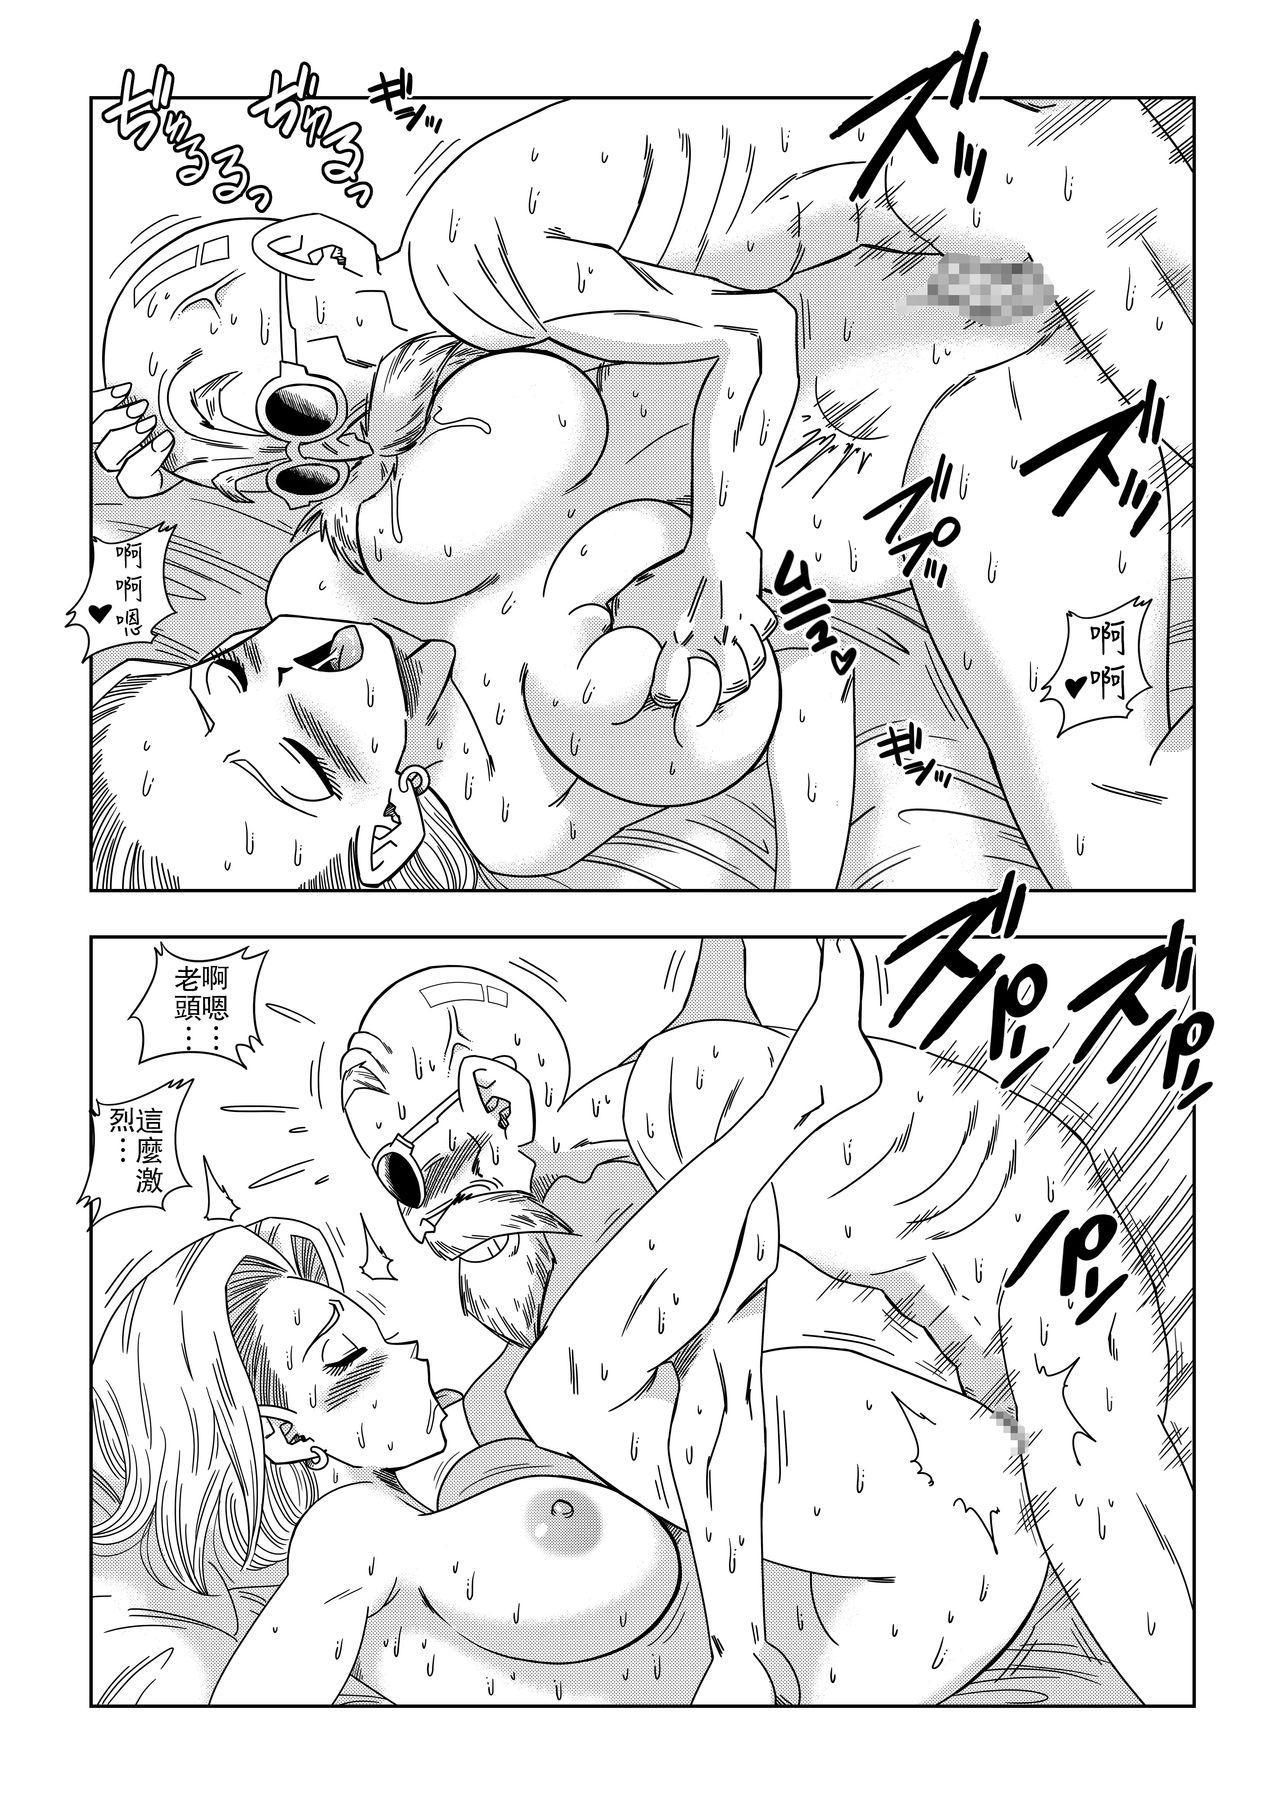 18-gou vs Kame Sennin 17